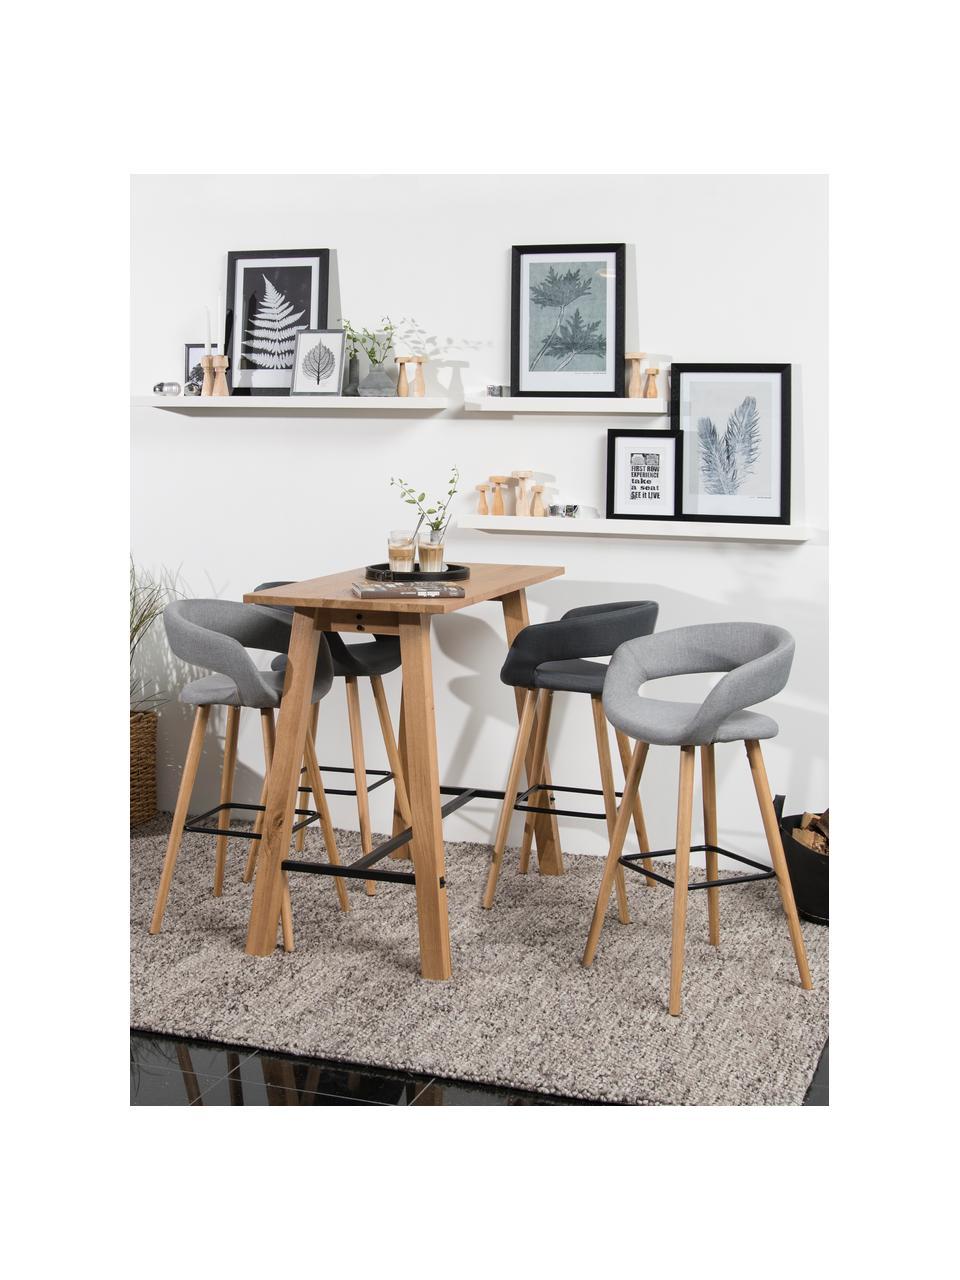 Barstoelen Grace, 2 stuks, Bekleding: polyester, Poten: geolied eikenhout, Bekleding: donkergrijs. Poten: eikenhoutkleurig. Voetsteun: zwart, 56 x 87 cm